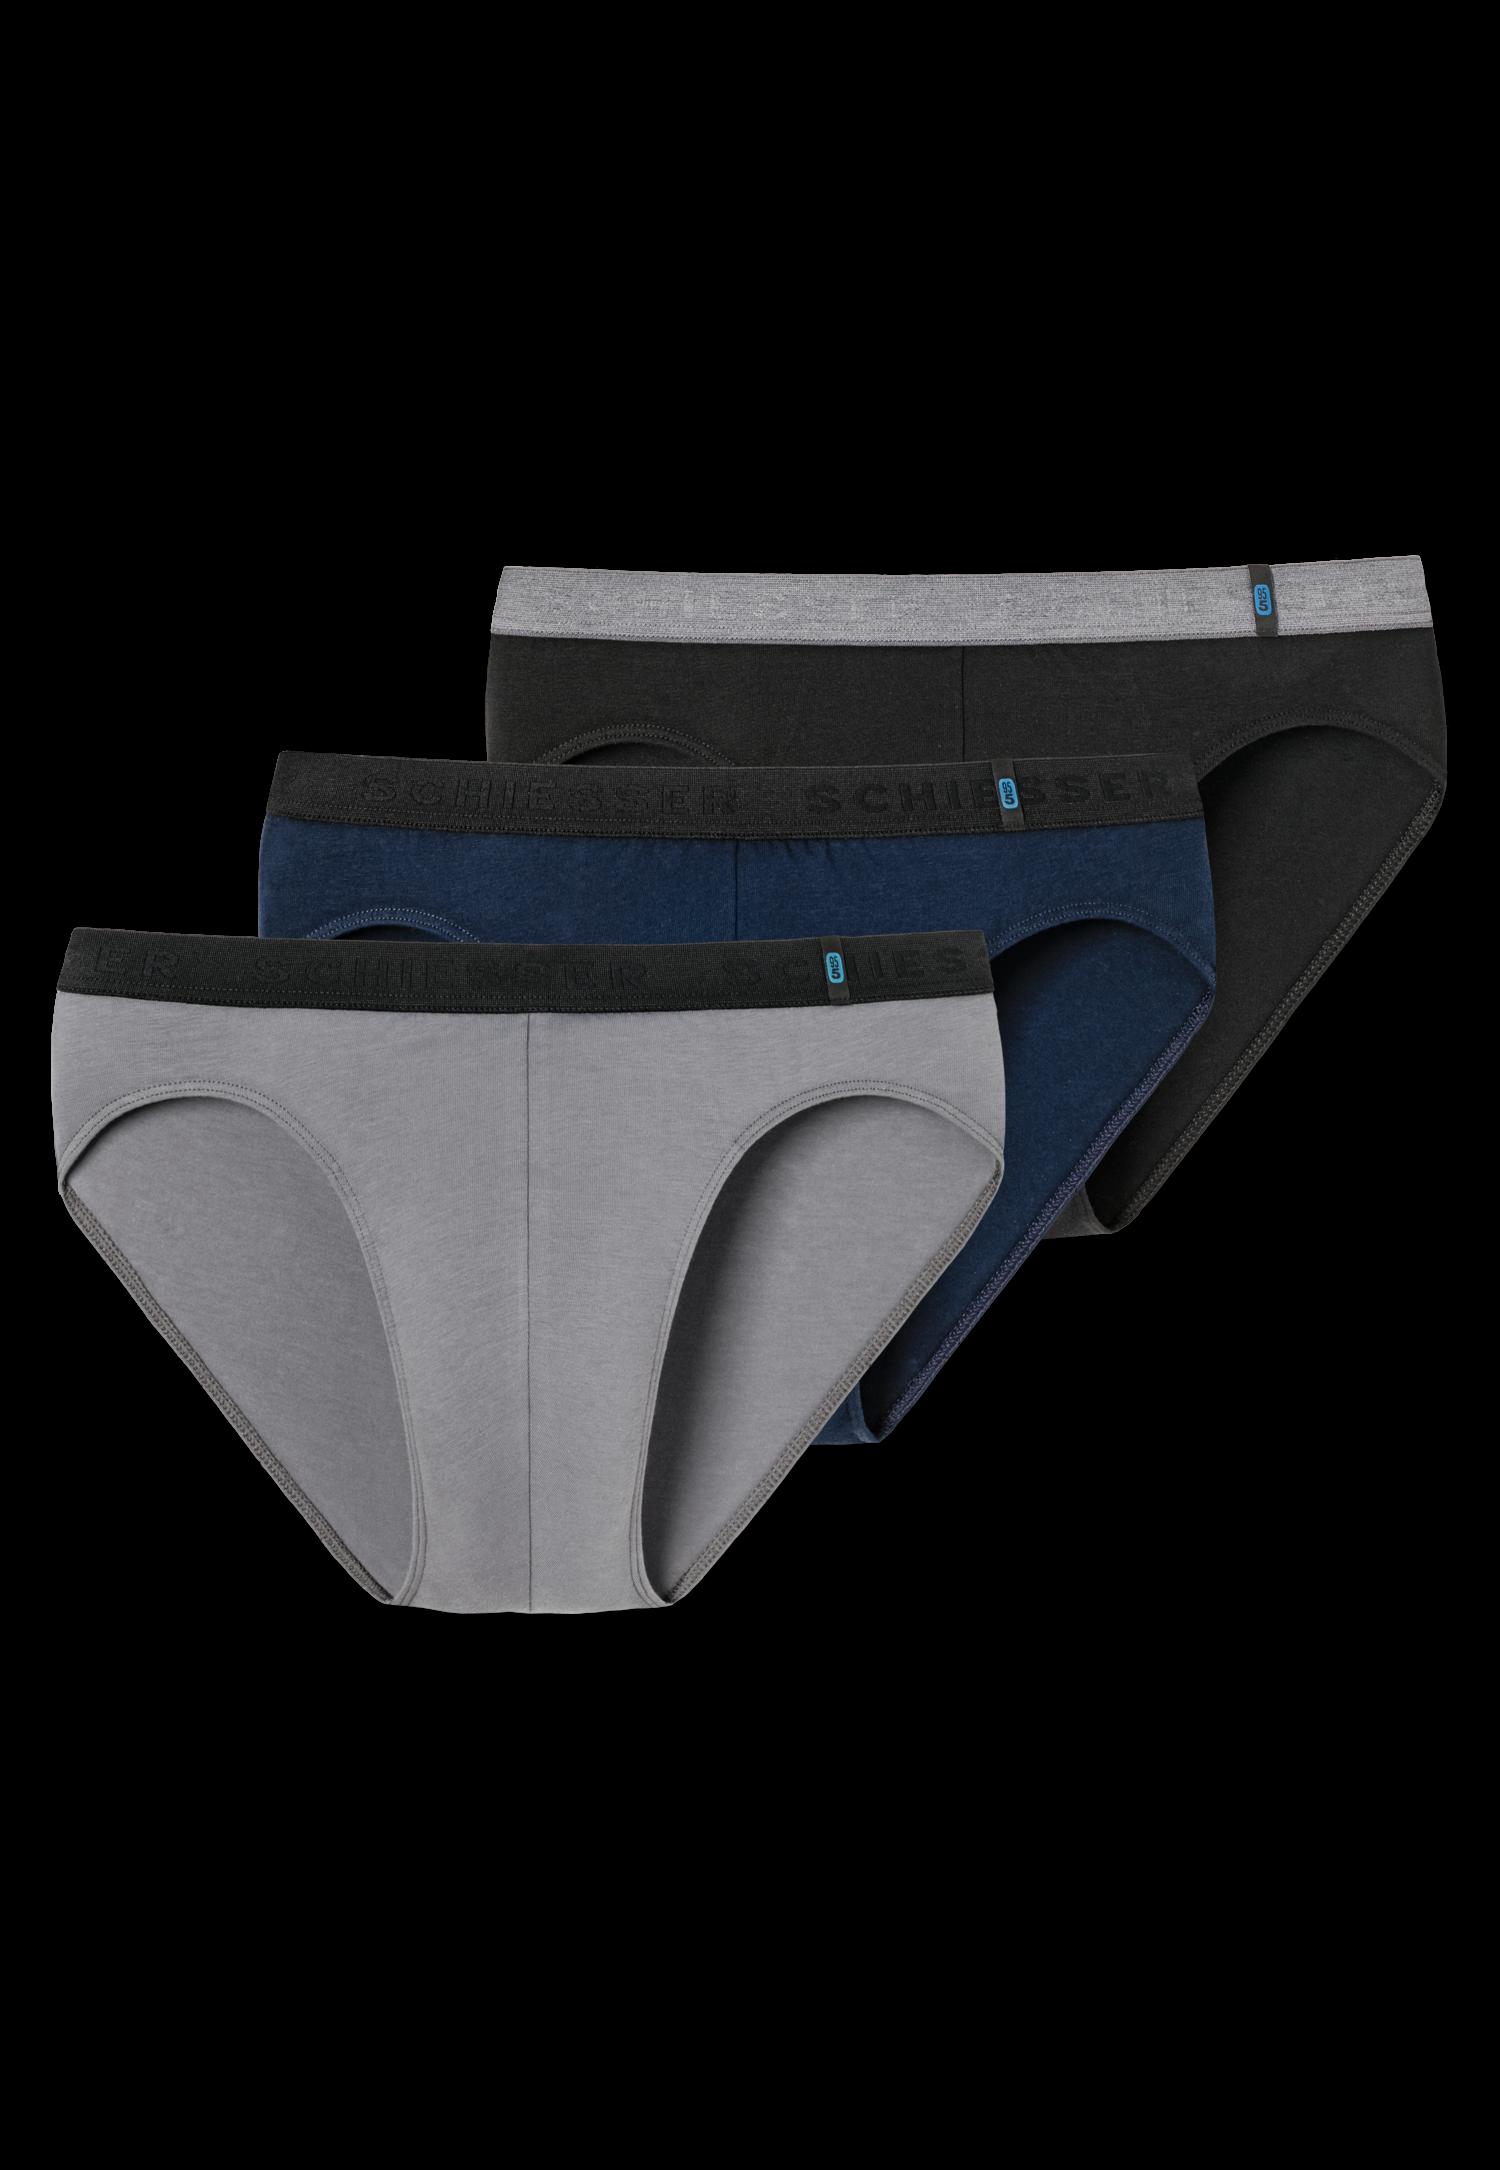 Schiesser 95/5 3-pack Rio slip zwart/grijs/blauw